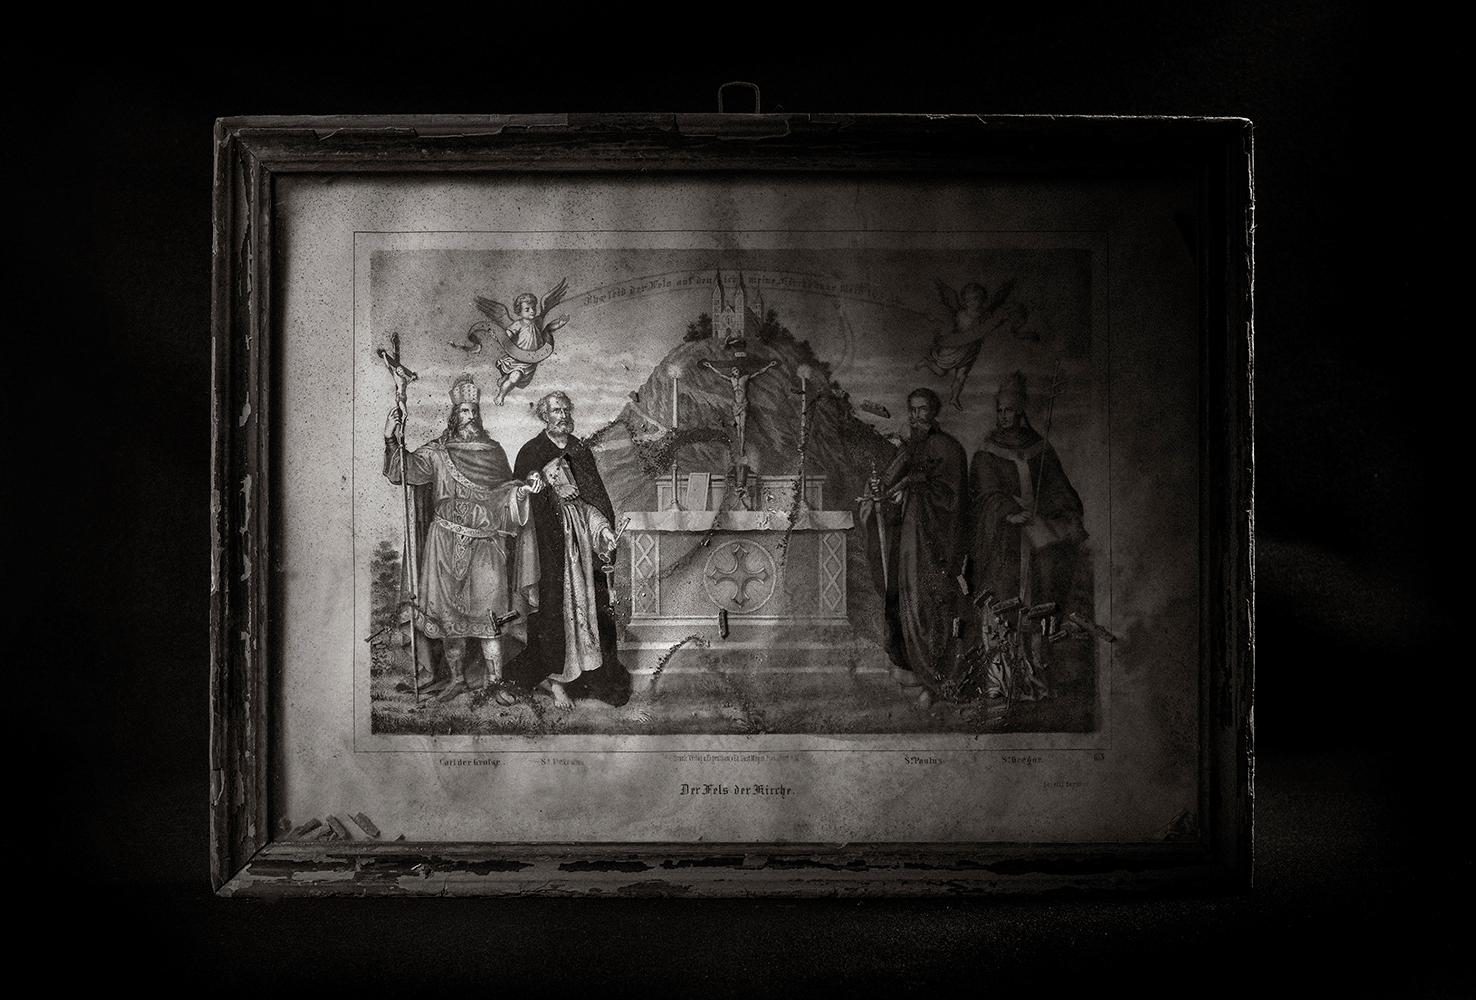 Heiligenbild aus dem Geburtshaus Bernd Alois Zimmermanns, Bliesheim (Sammlung Bartsch, Bliesheim)